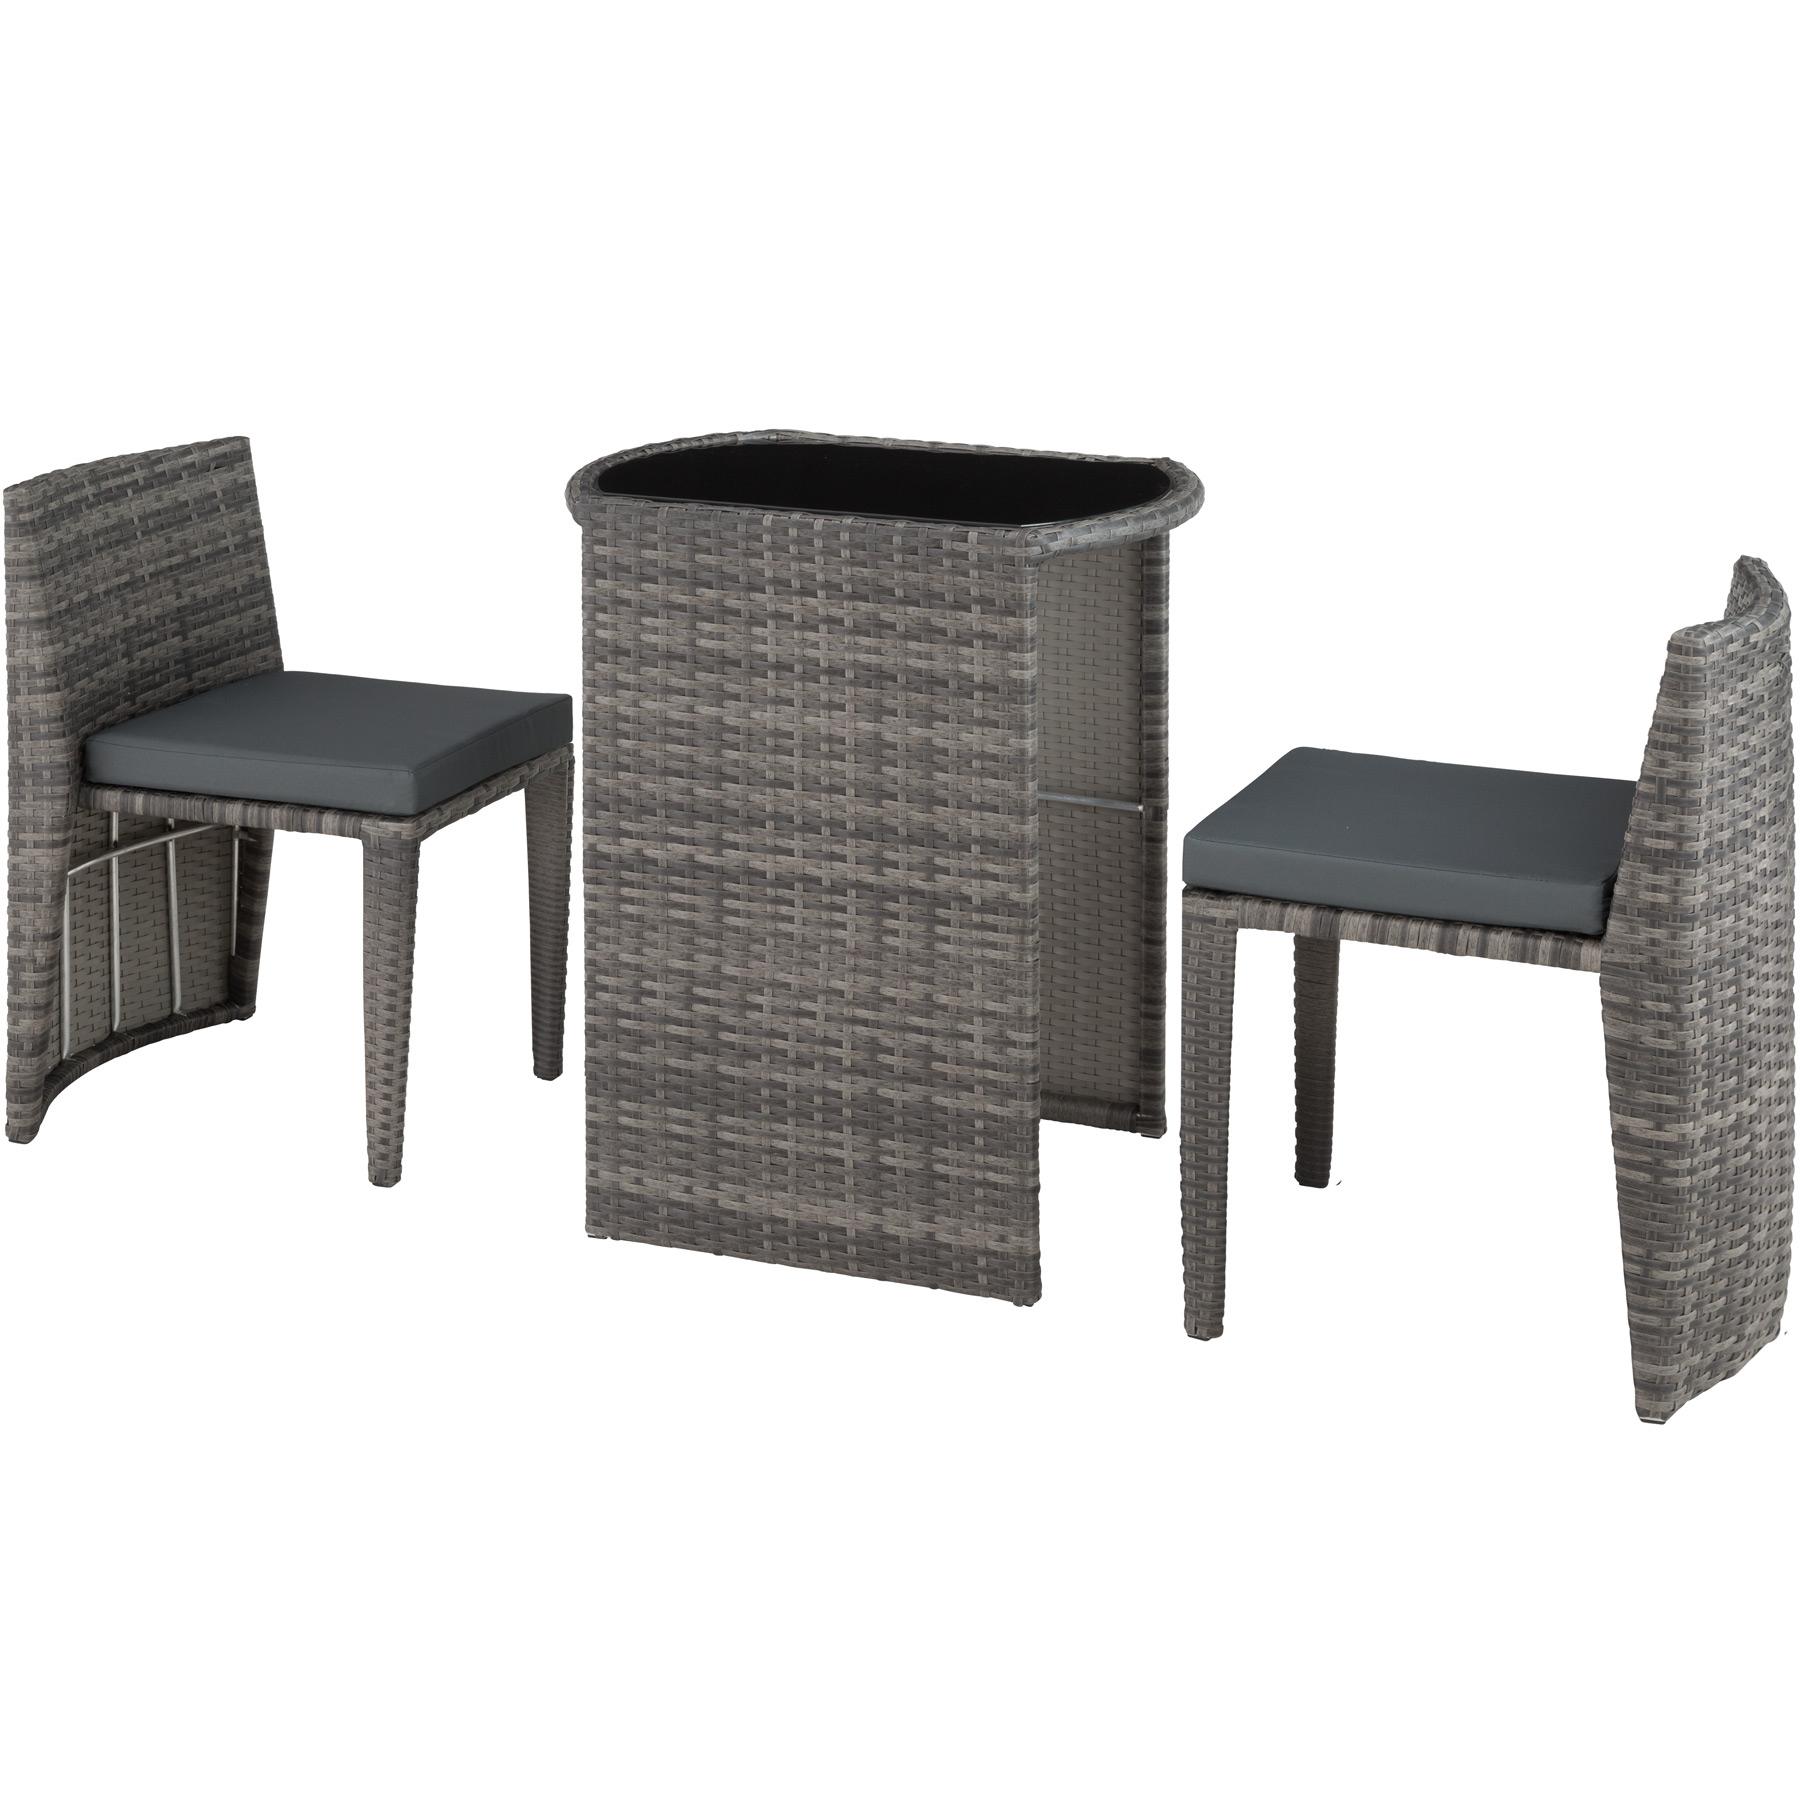 Détails Sur Salon De Jardin Résine Tressée 2 Personnes Mobilier Encastrable  Chaises Table encequiconcerne Salon De Jardin Confortable